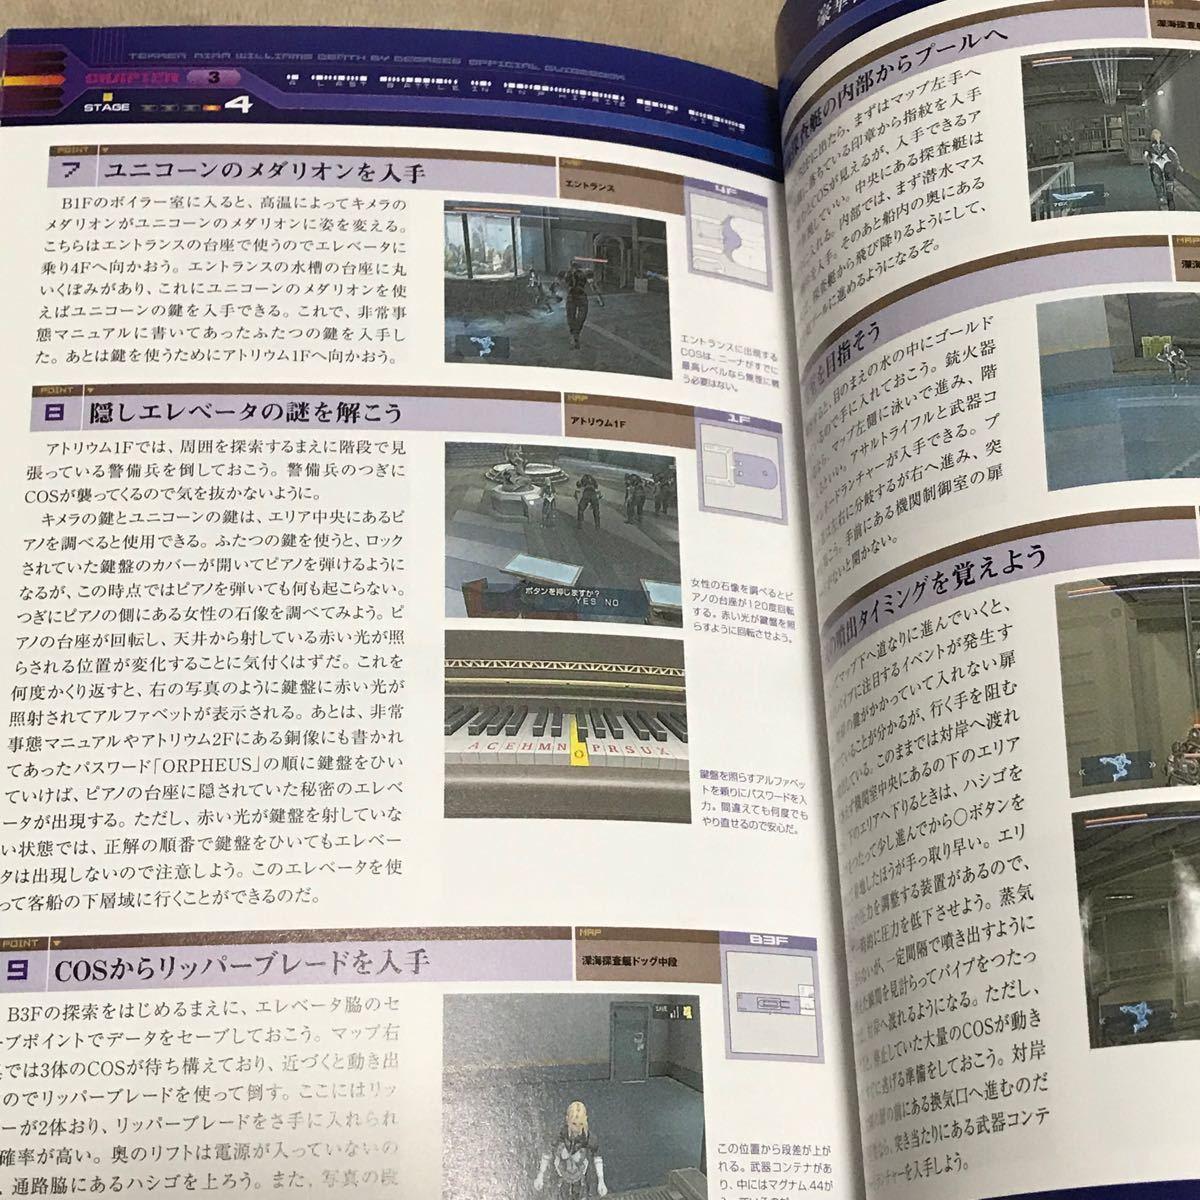 PS2攻略本 デスバイディグリーズ 鉄拳:ニーナウイリアムズオフィシャルガイドブック/ファミ通書籍編集部 (編者)